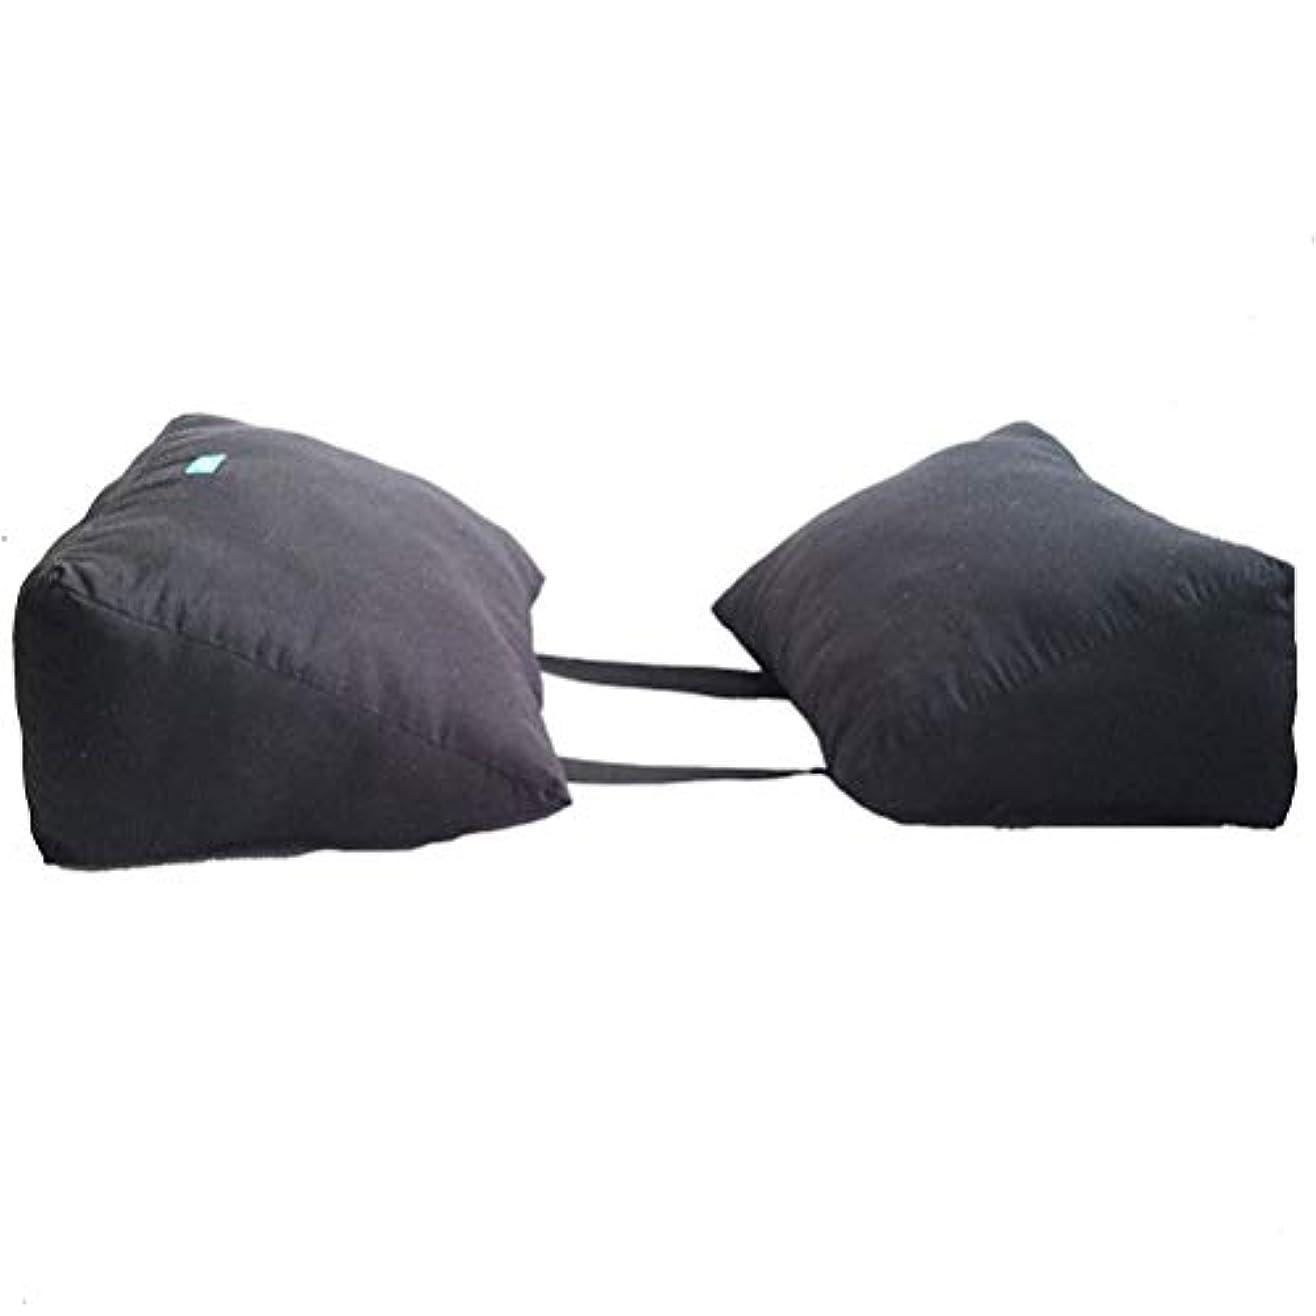 道に迷いました実験的帽子老人側睡眠パッド通気性 ?? を裏返パッド予防 床ずれ介護ストレッチコットン 健康クッション ベッドケア座り心地抜群